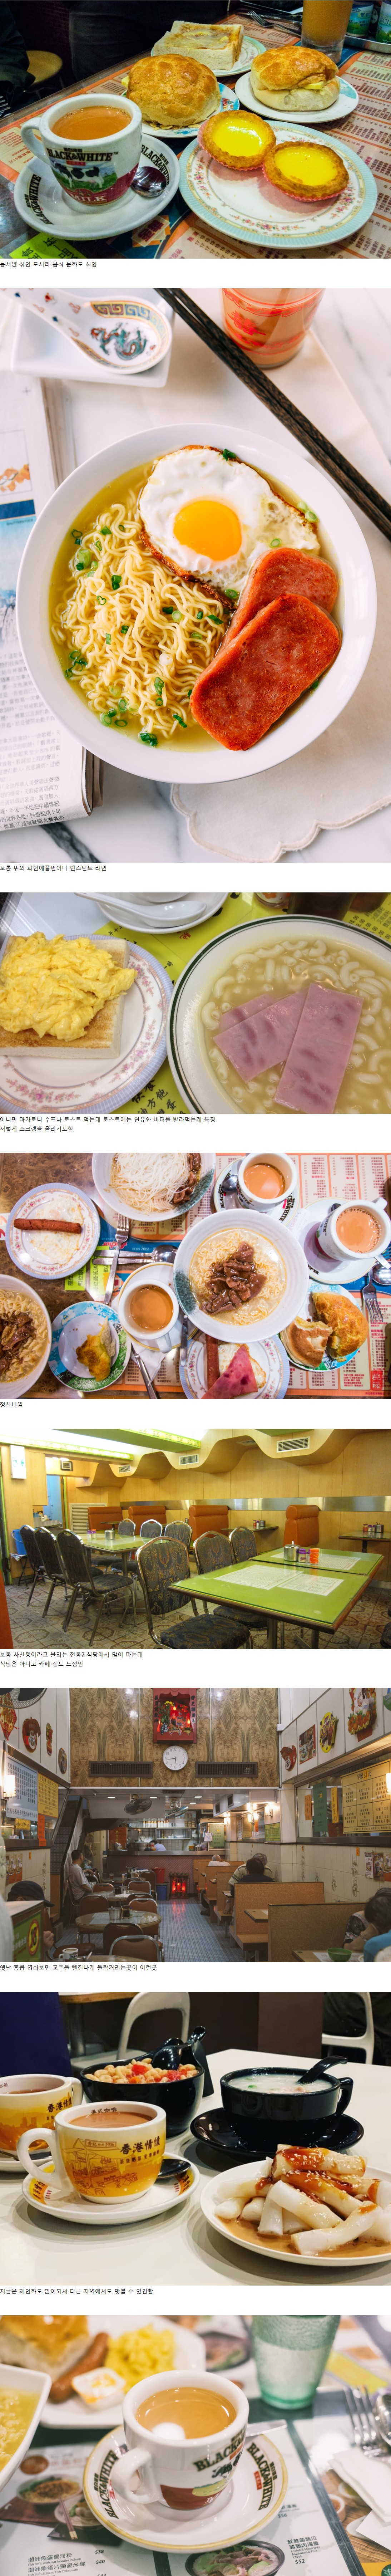 호불호 갈리는 홍콩식 아침식사.jpg | 인스티즈